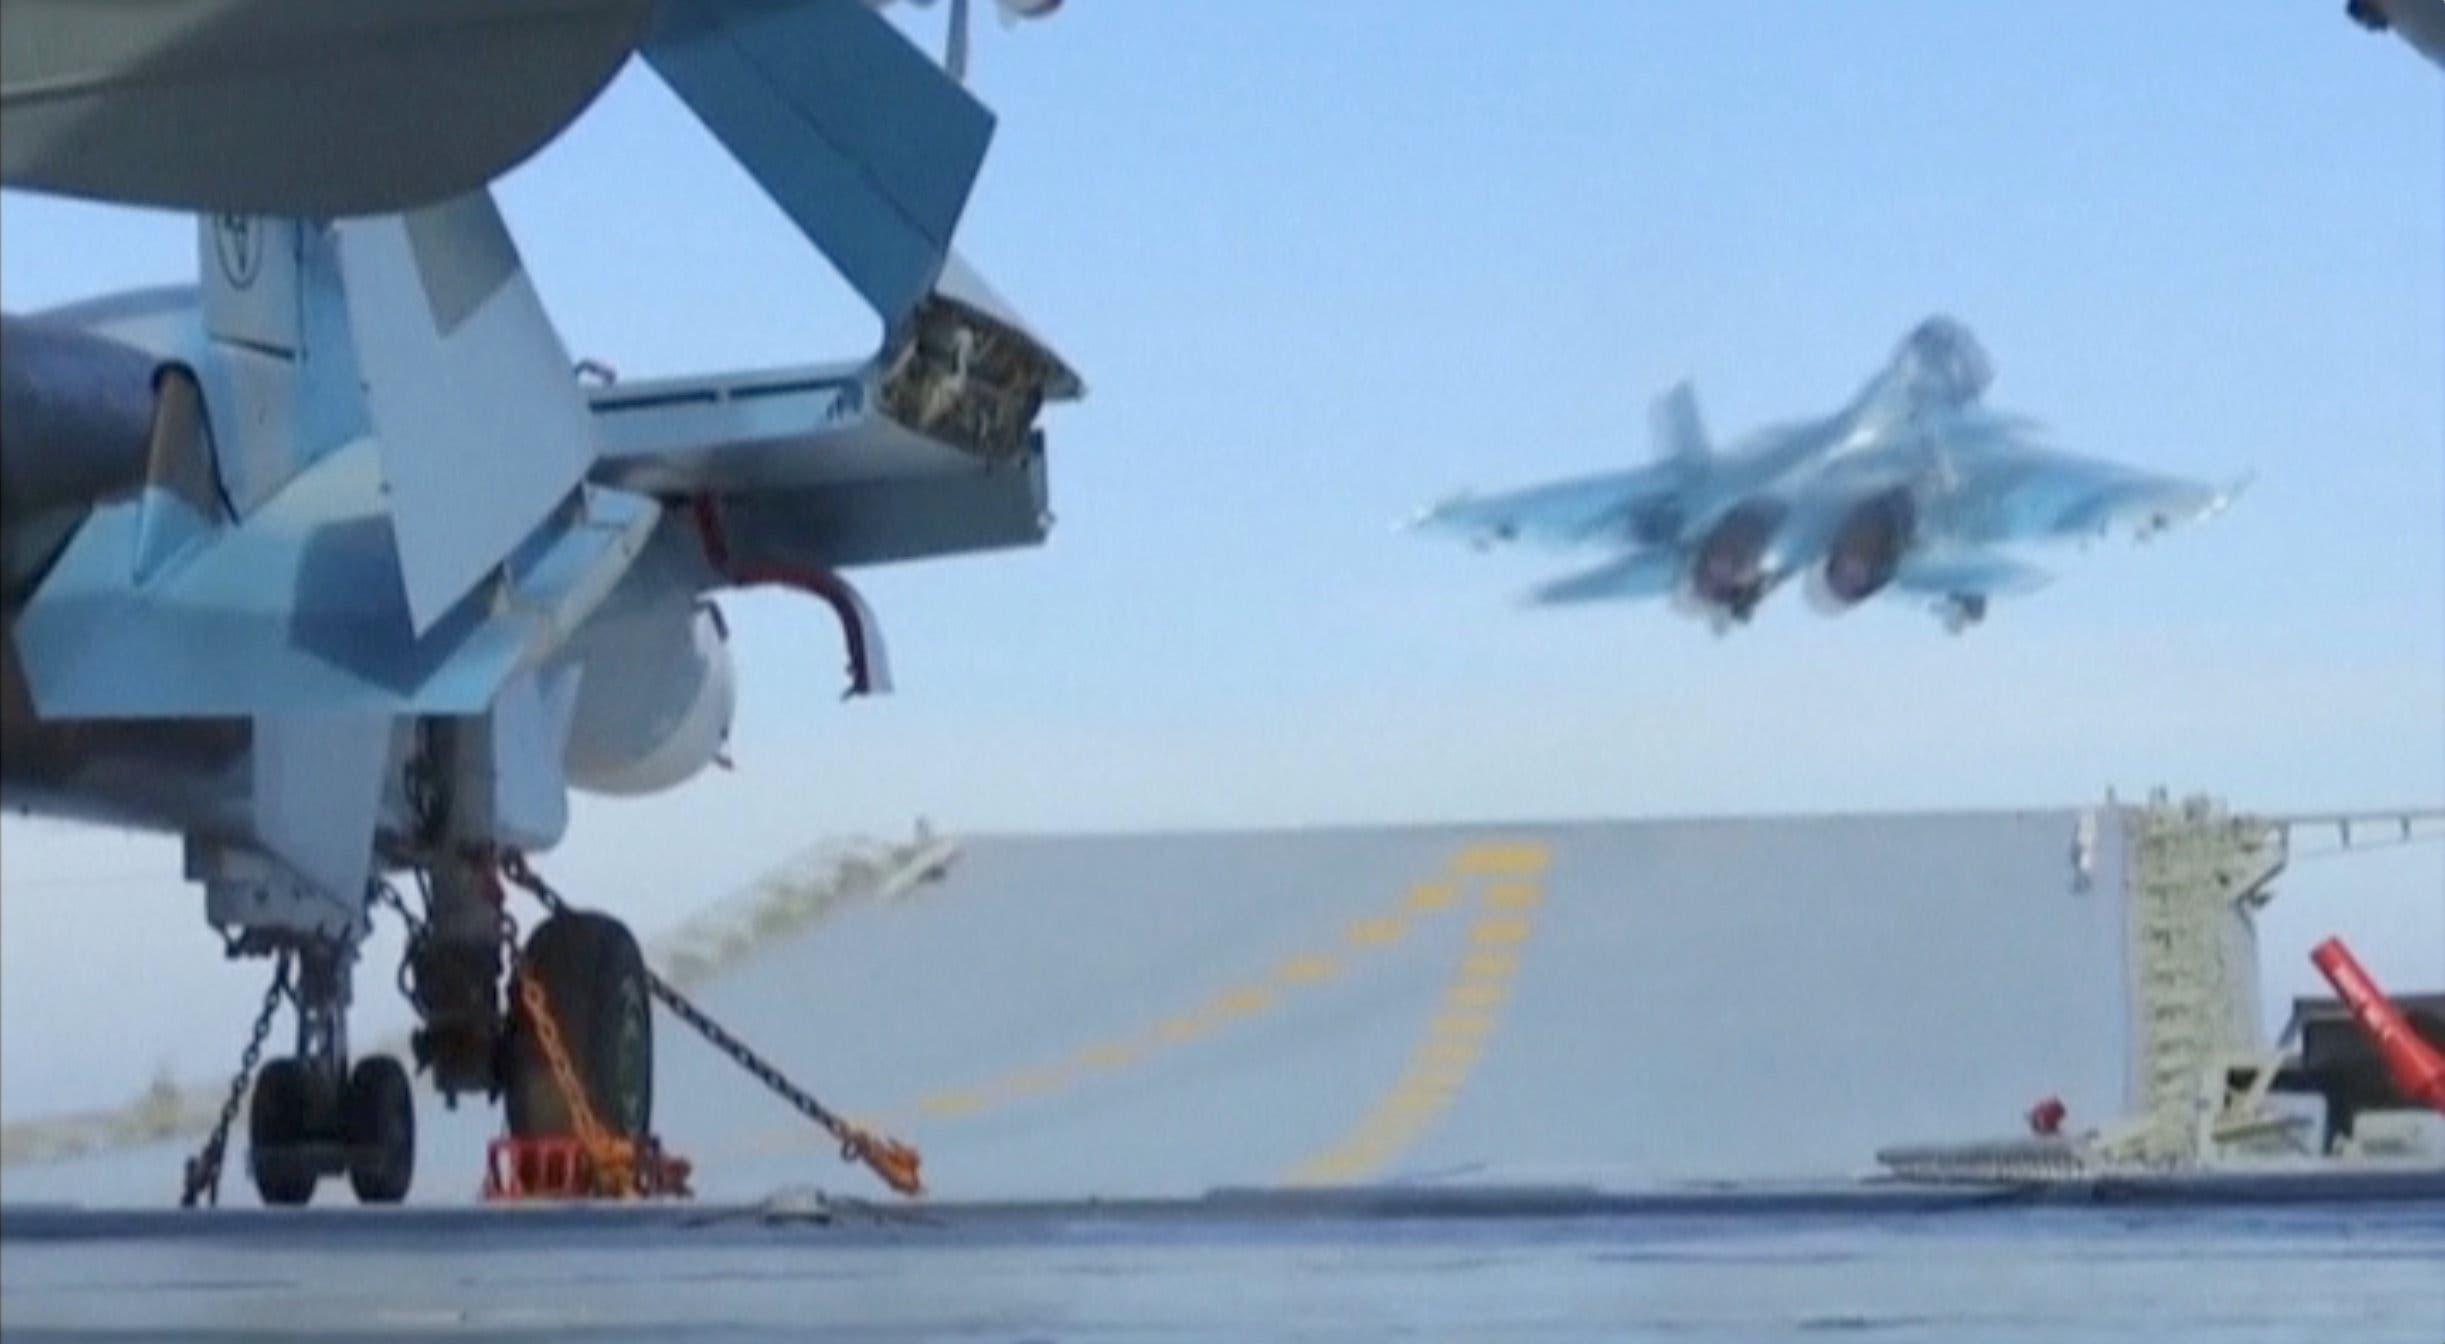 من عمليات الإقلاع والهبوط على حاملة الطائرات الروسية في المتوسط